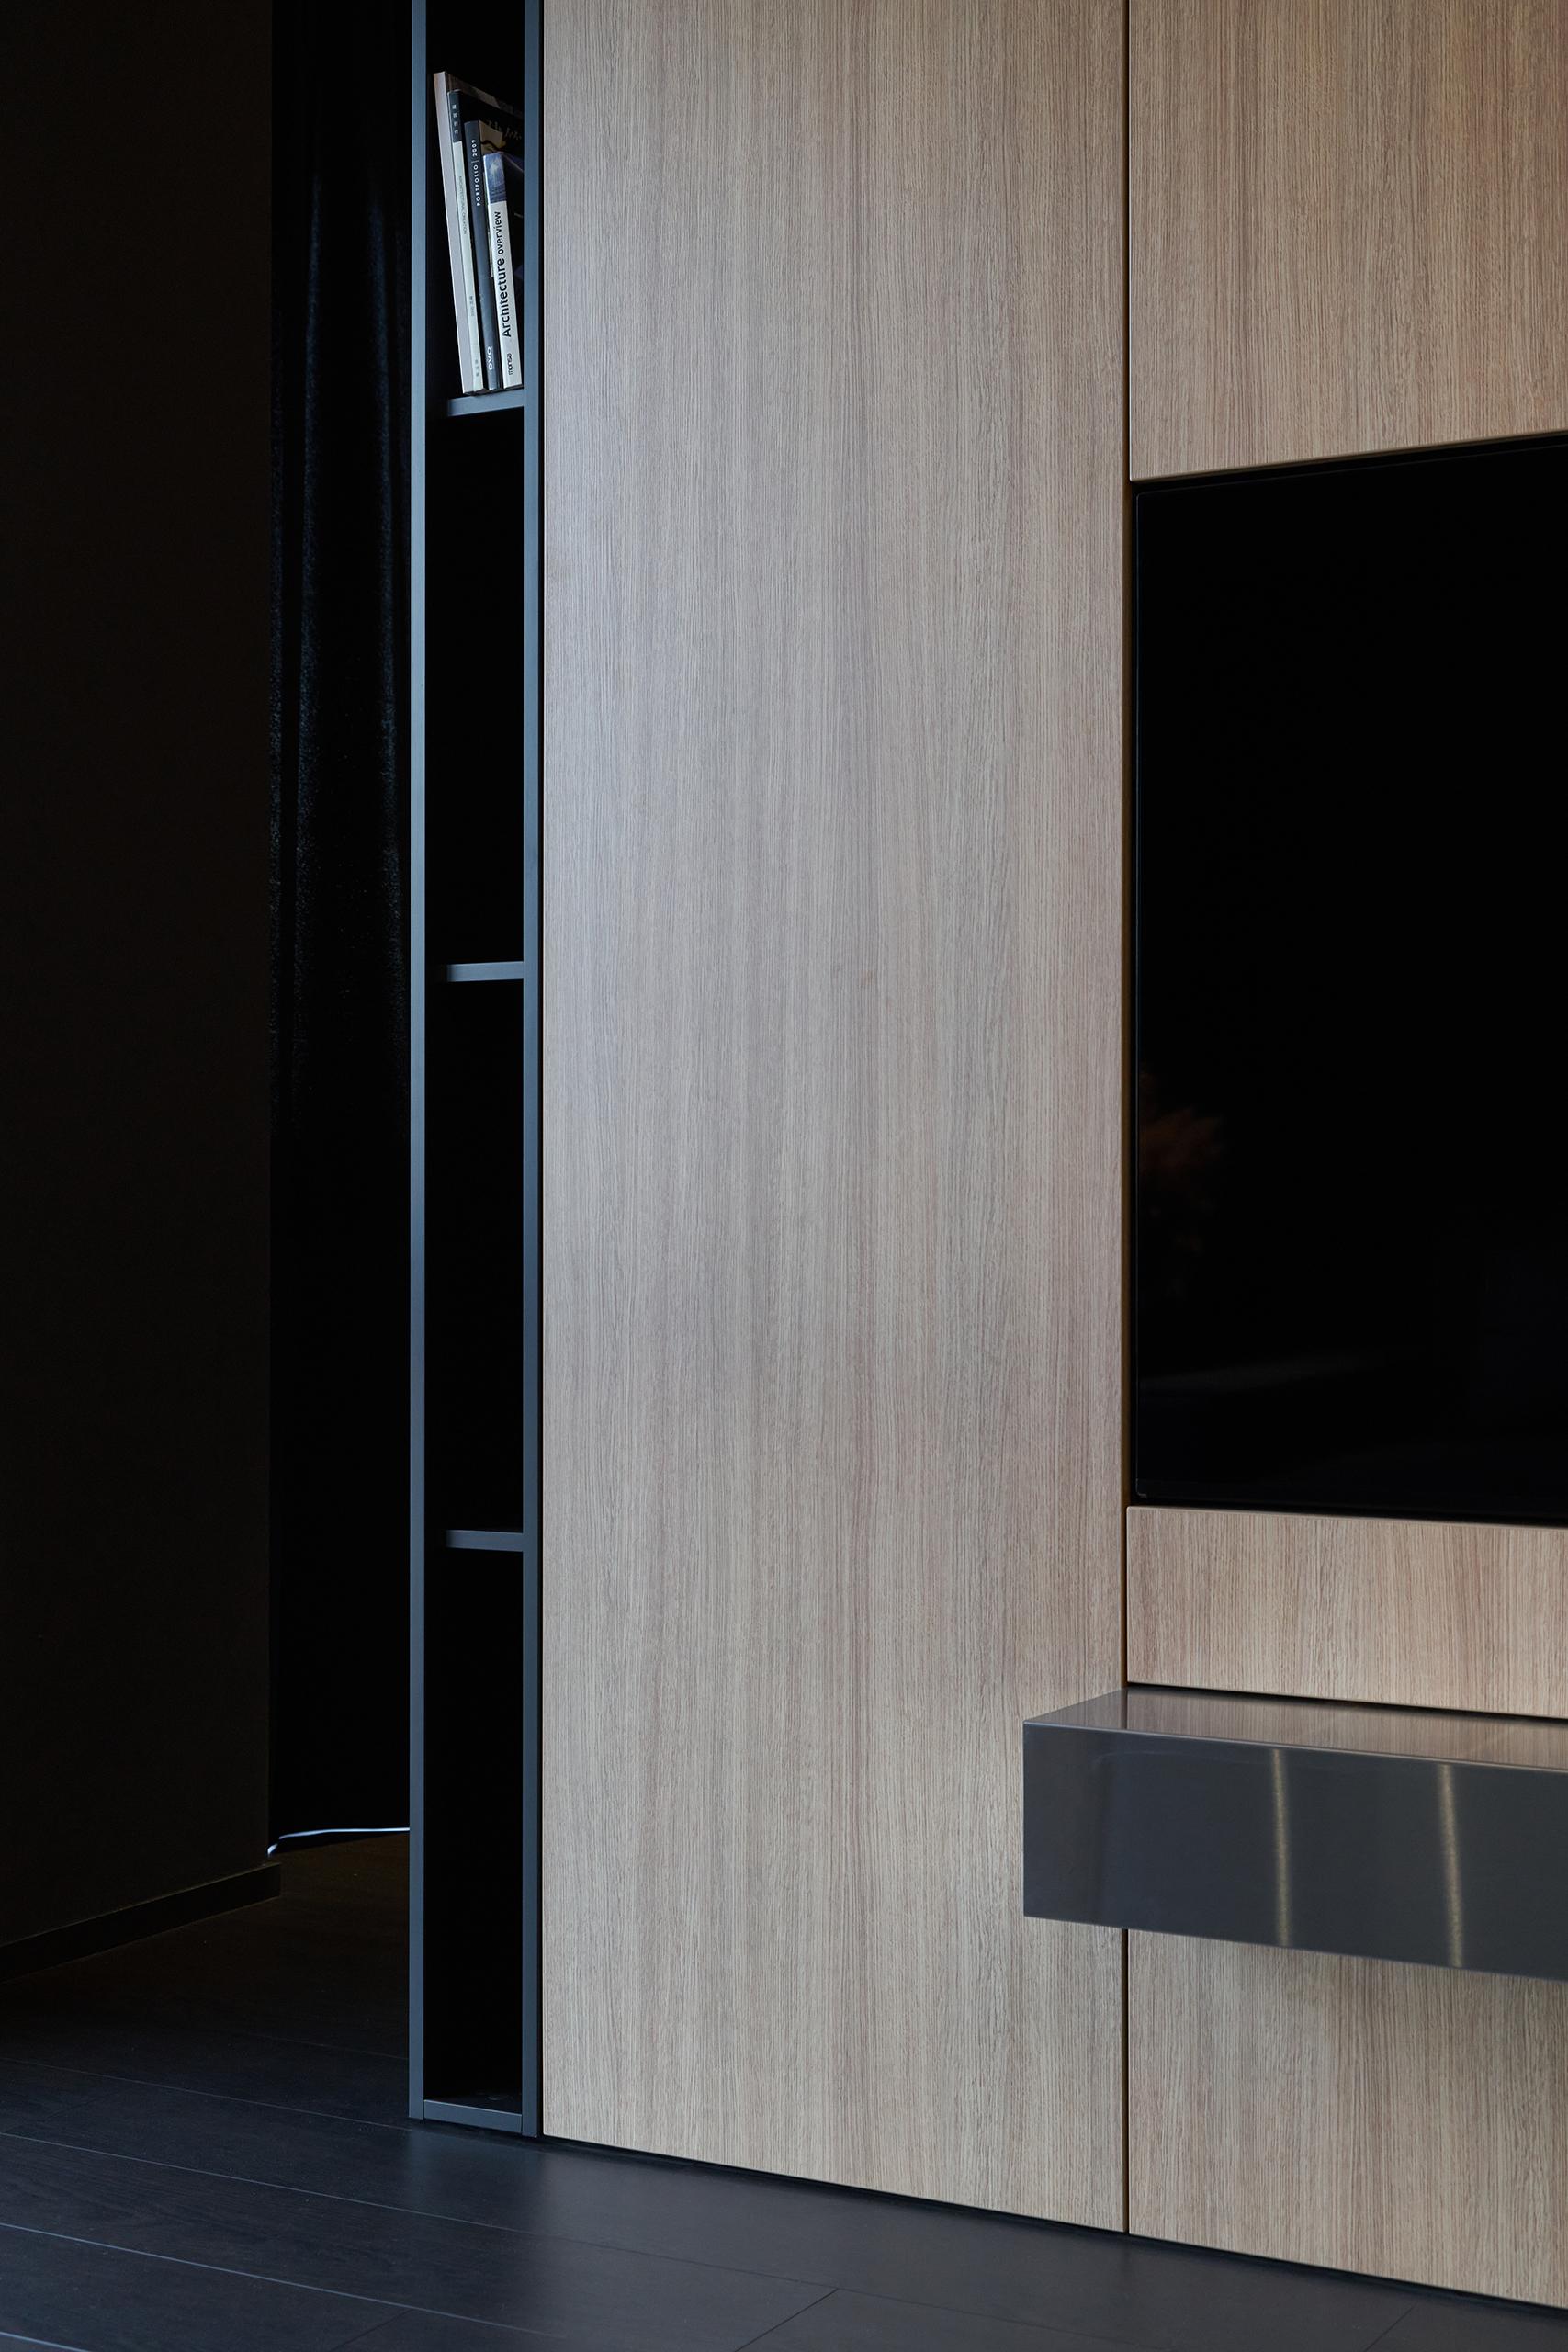 Фотография шкафа крупным планом в интерьере